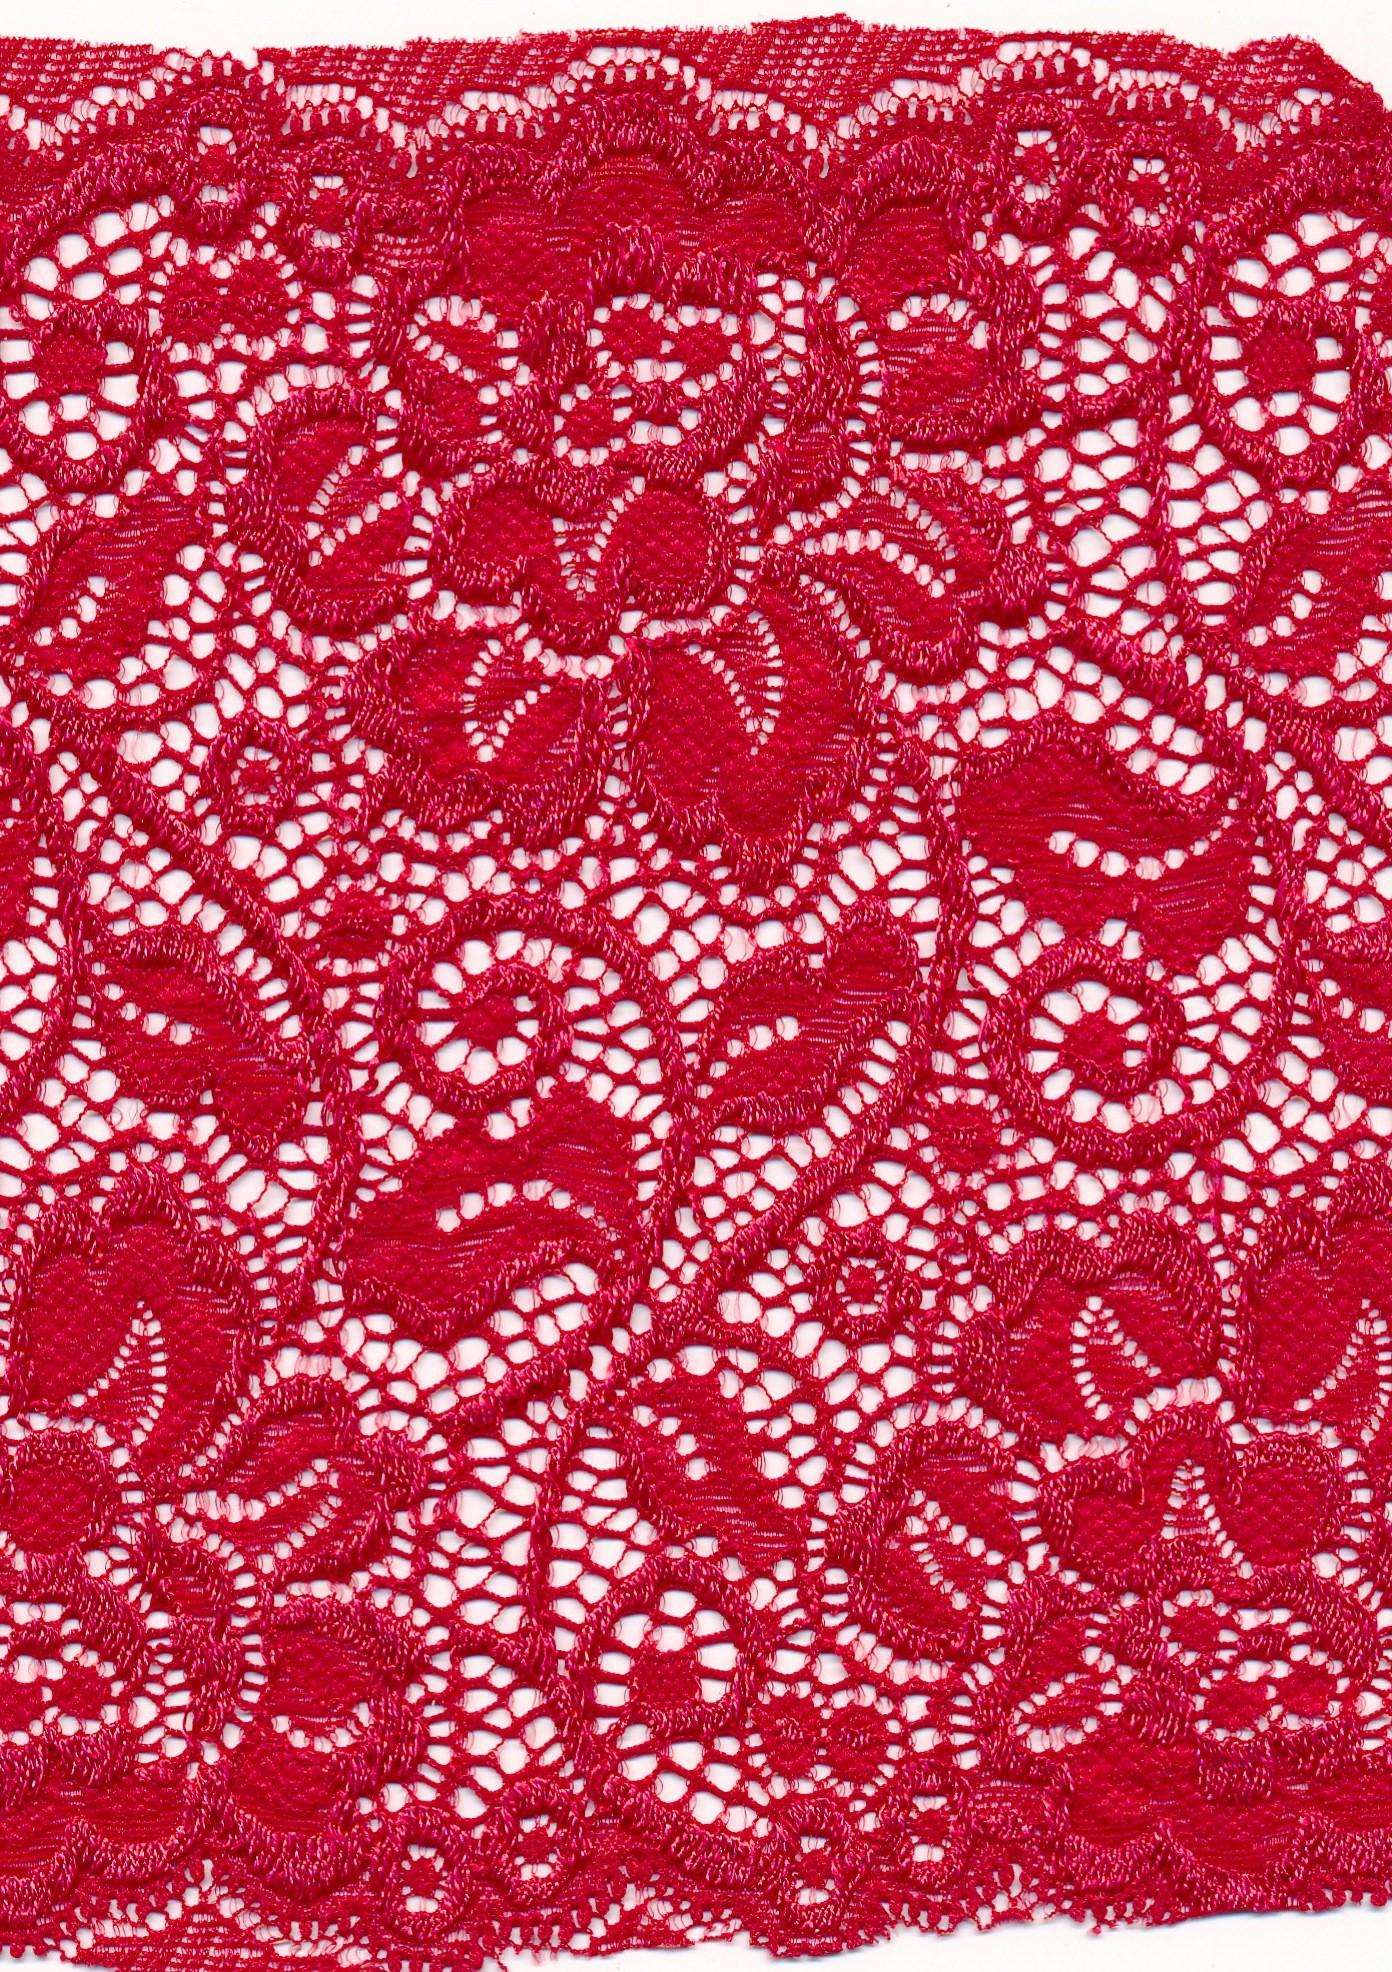 Tramonte Rosso